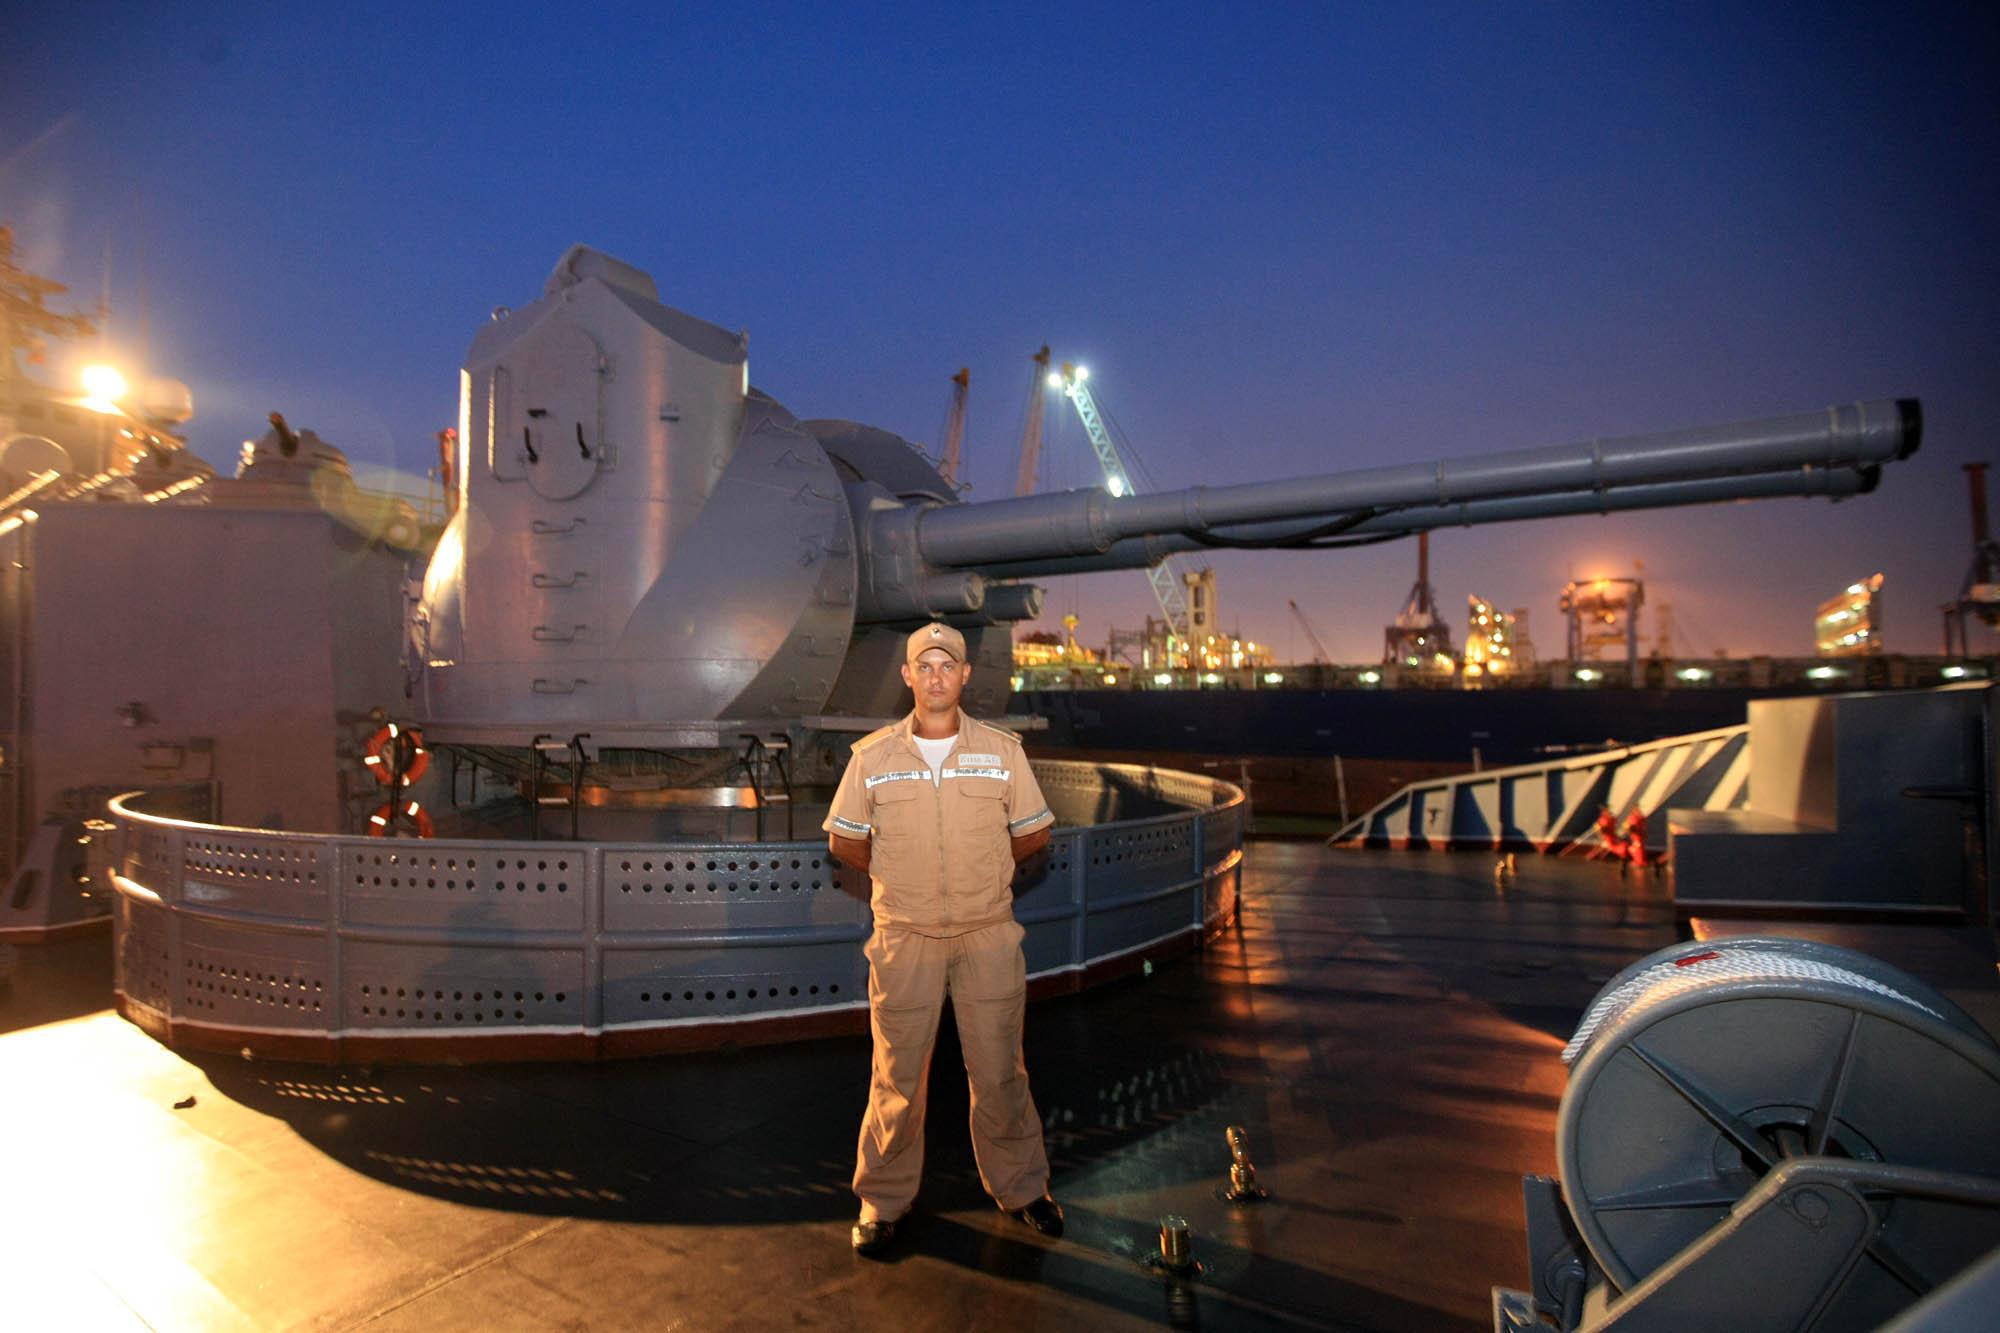 Seorang awak kapal berjaga di depan persenjataan kapal jelajah 'Varyag' saat bersandar di Pelabuhan JICT 2, Tanjung Priok, Jakarta, Selasa (23/5). Sebelum tiba di Jakarta, kapal 'Varyag' lebih dulu berlabuh di Pangkalan Angkatan Laut Changi di Singapura. Kapal berbobot sebelas ribu ton ini tiba di Singapura untuk berpartisipasi dalam Konferensi dan Pameran Pertahanan Maritim Internasional (IMDEX Asia) 2017.